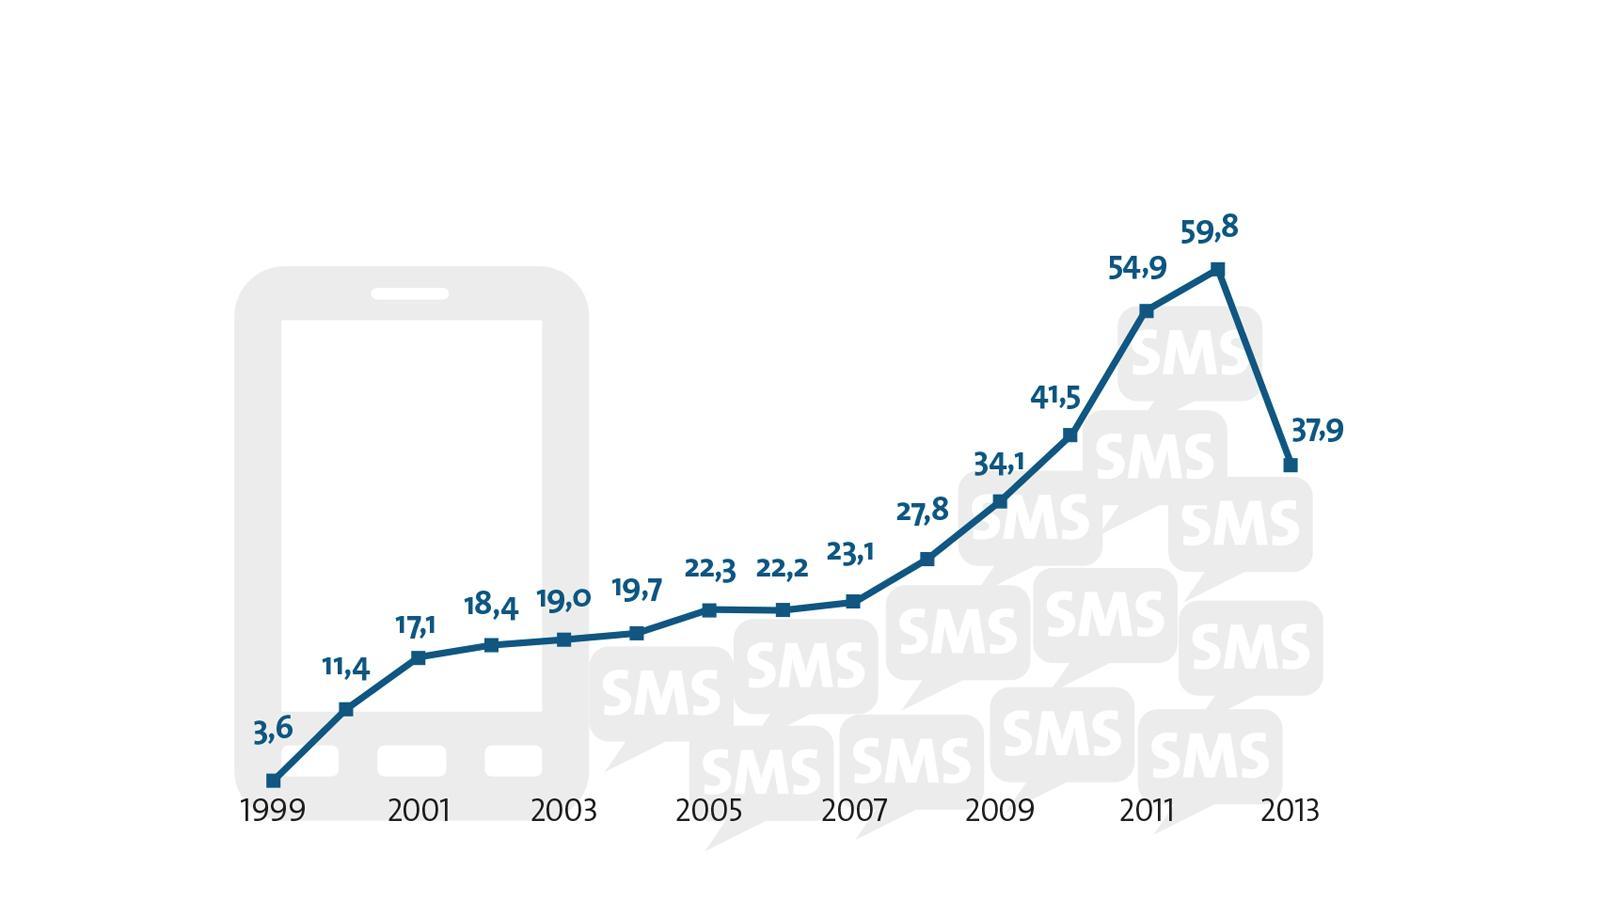 SMS im Sinkflug